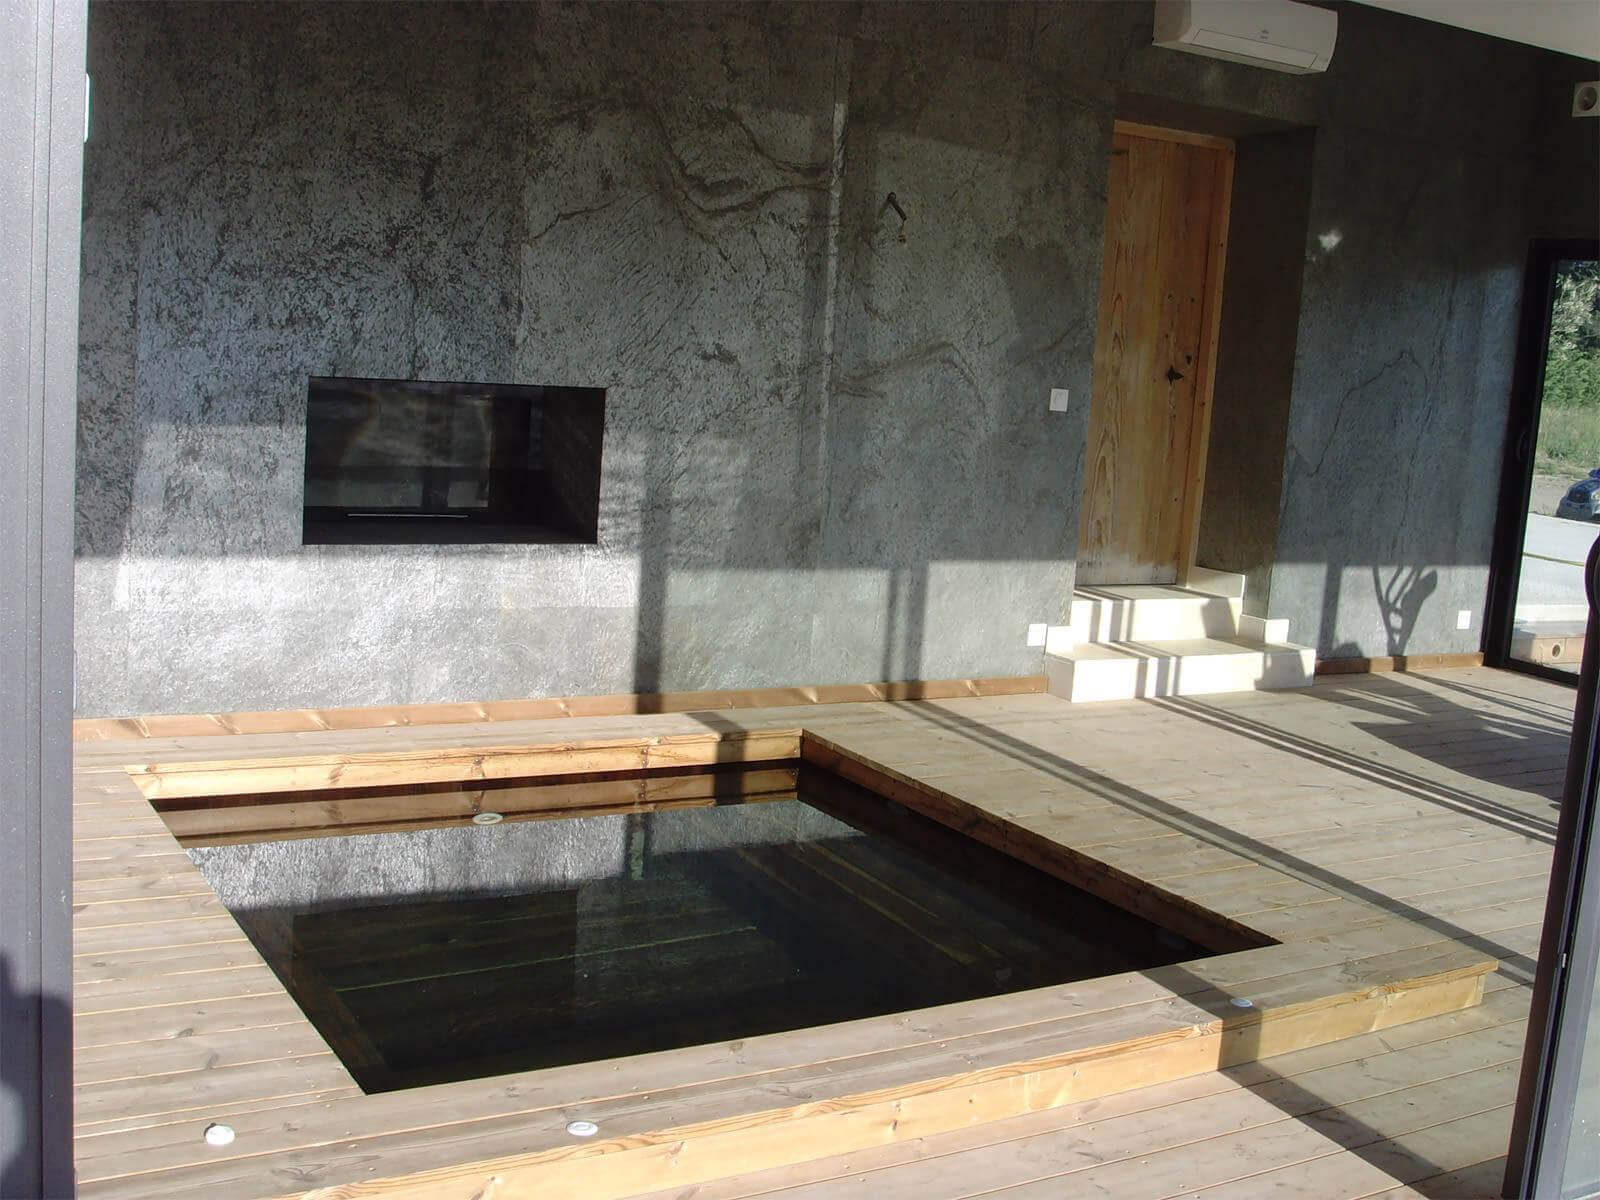 Piscine semi interieur exterieur piscine horssol ocea for Piscine jacuzzi exterieur